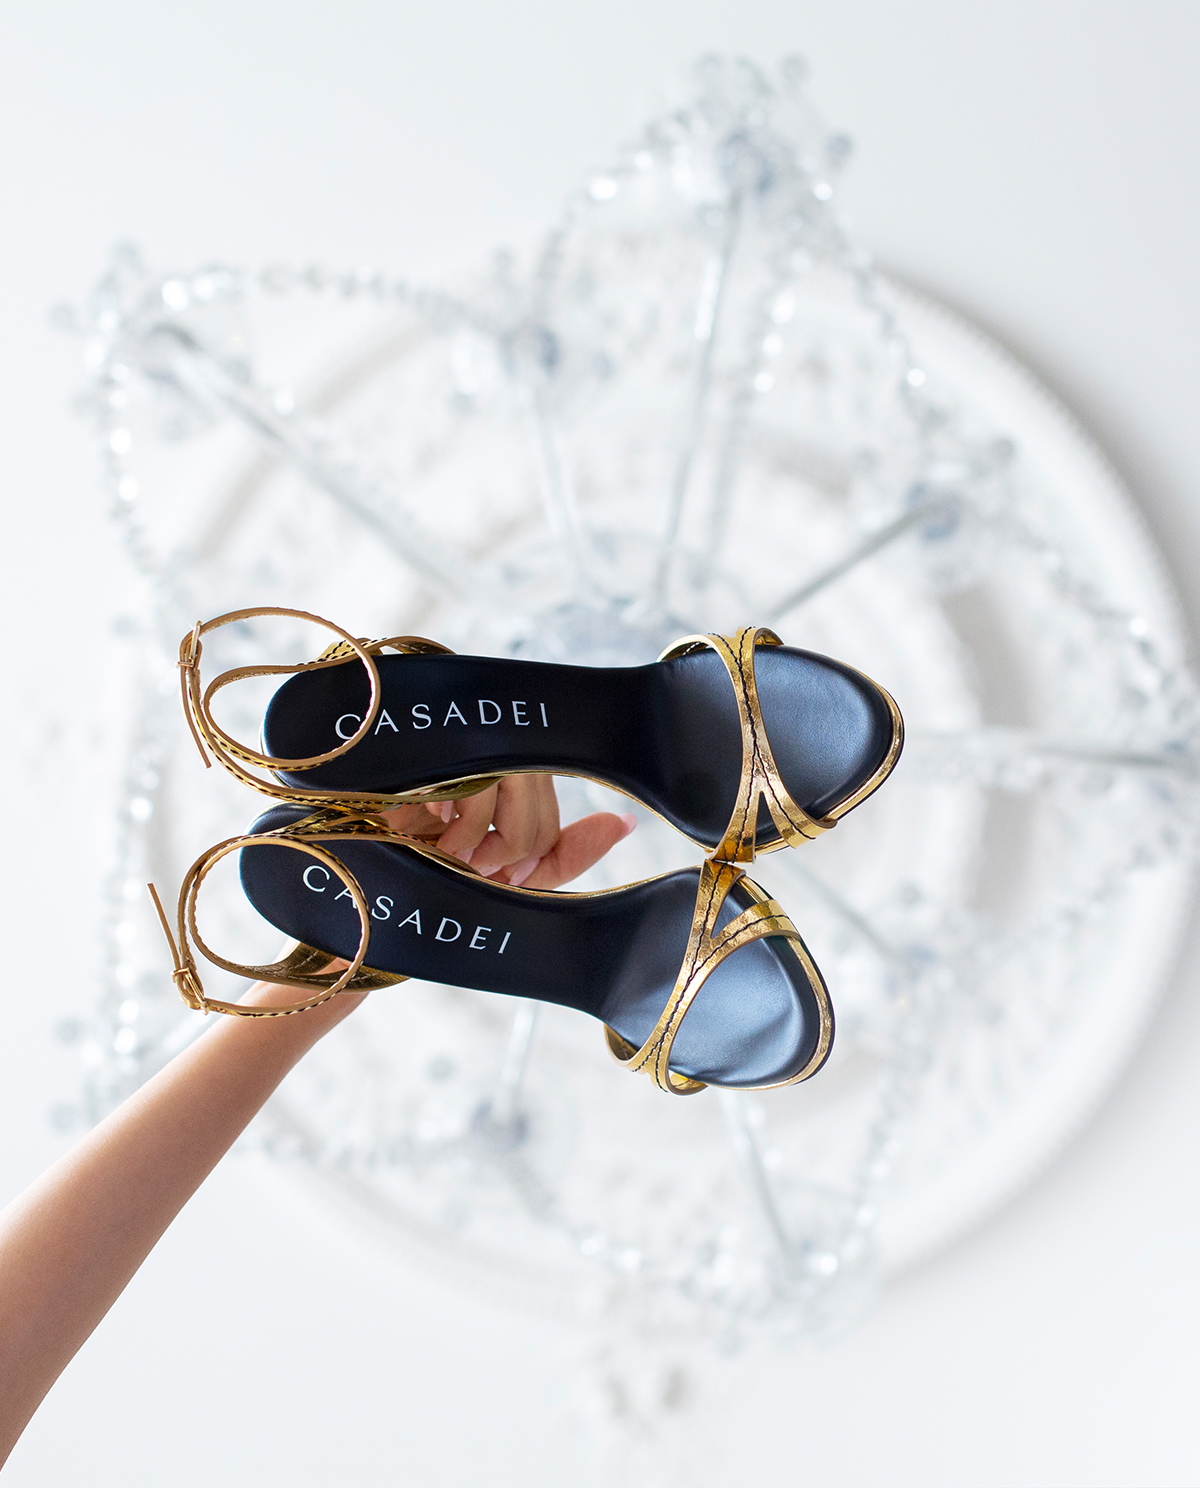 Złote szpilki z przeszyciami Blade Jeanne Casadei